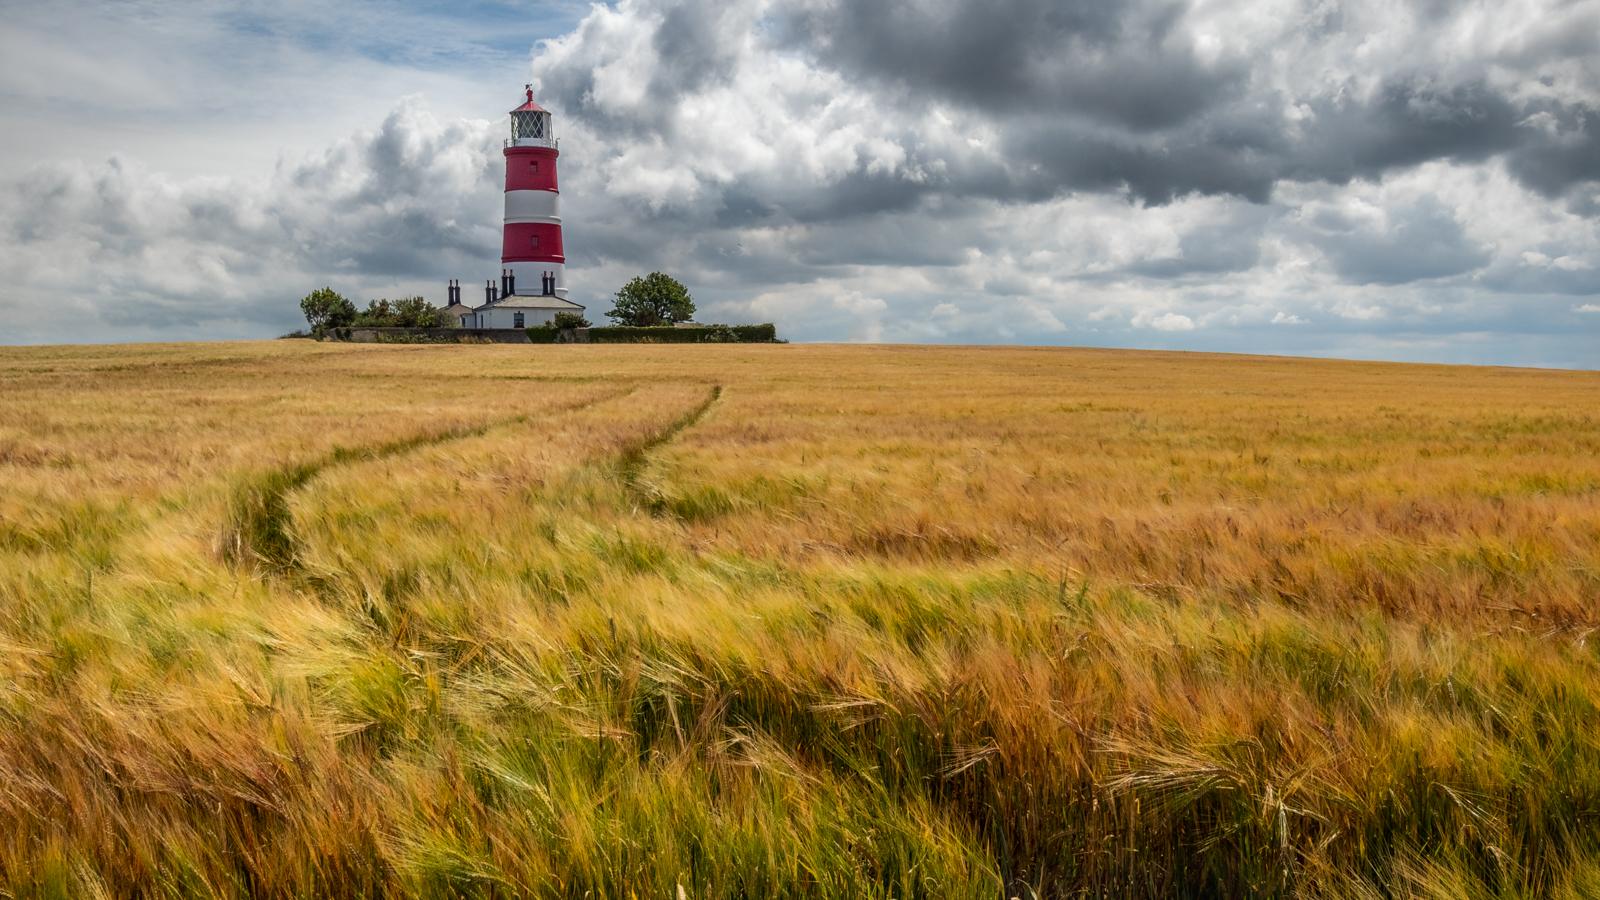 Overlooking the barley sea